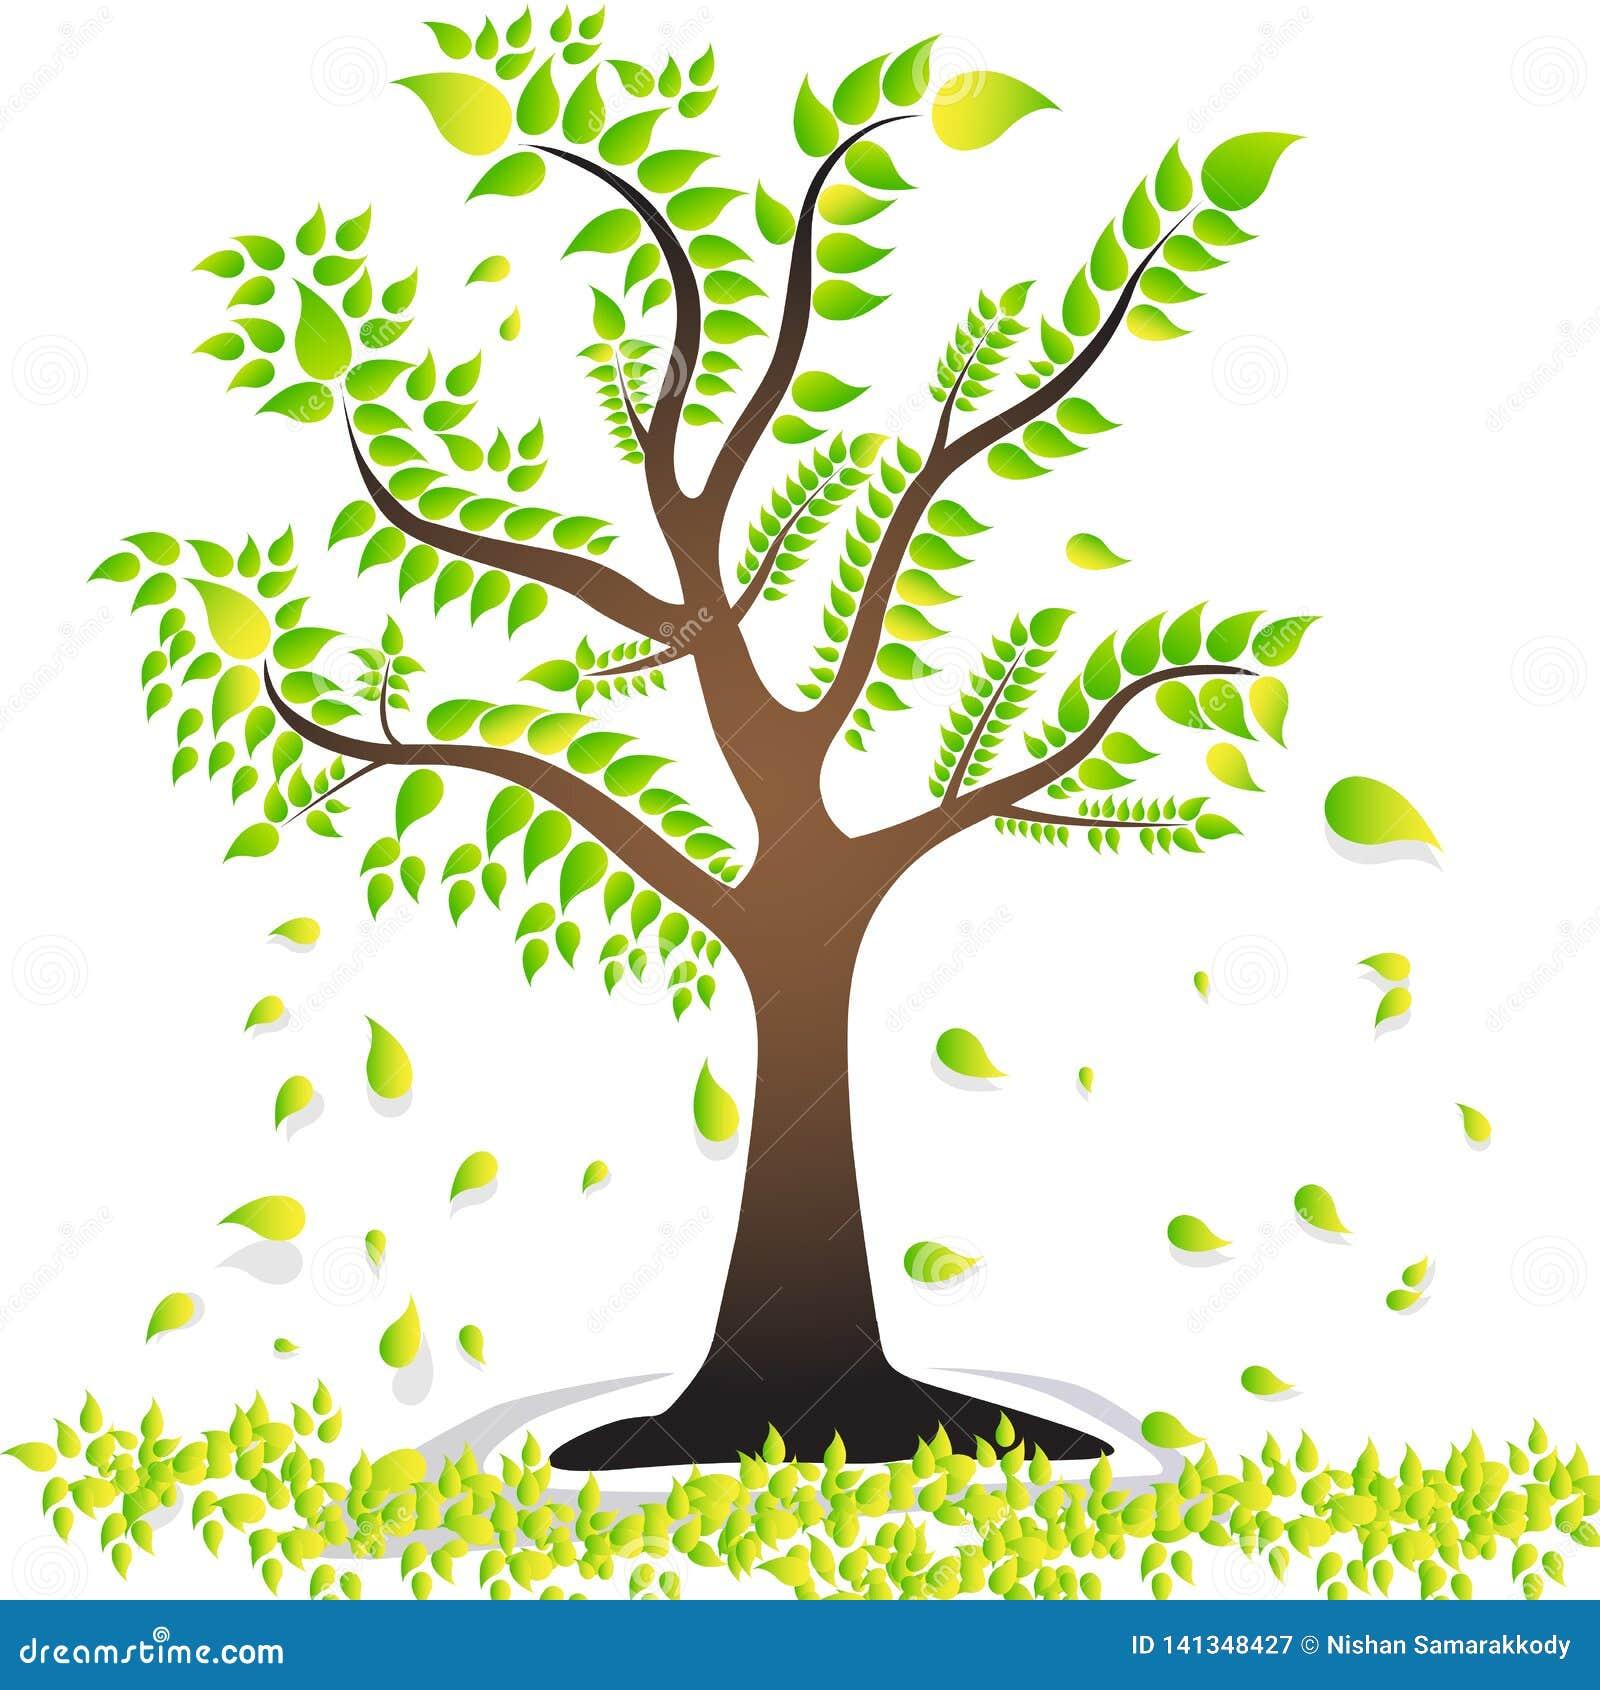 Uma árvore com as folhas verdes das folhas bonito treebroken as folhas